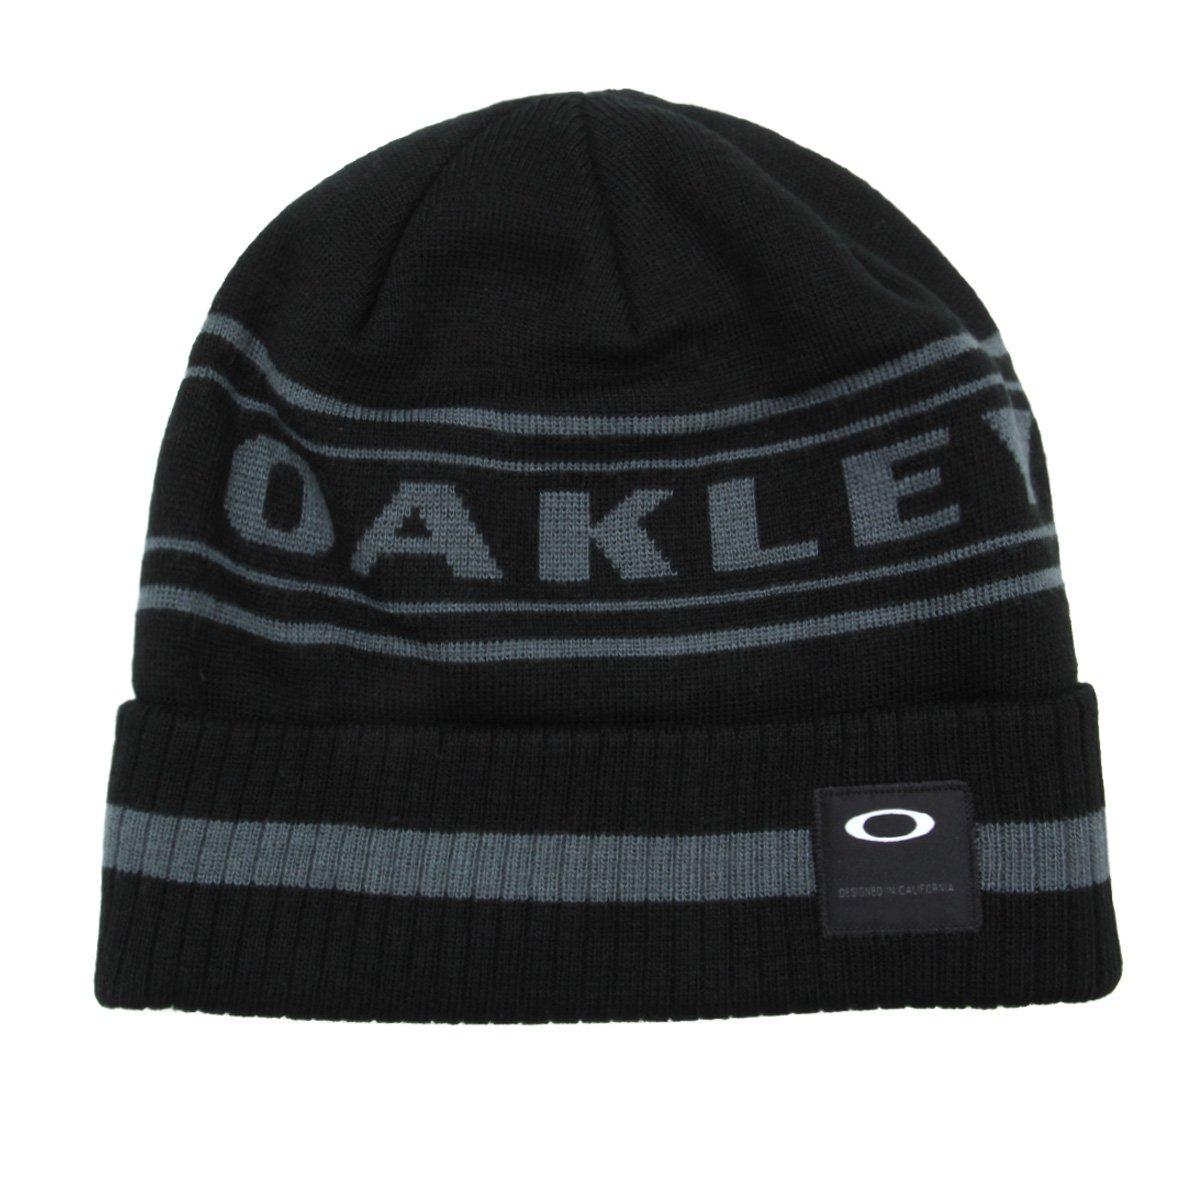 Gorro Oakley Rockgarden Cuff Beanie Masculino - Preto - Compre Agora ... 486a47111cb